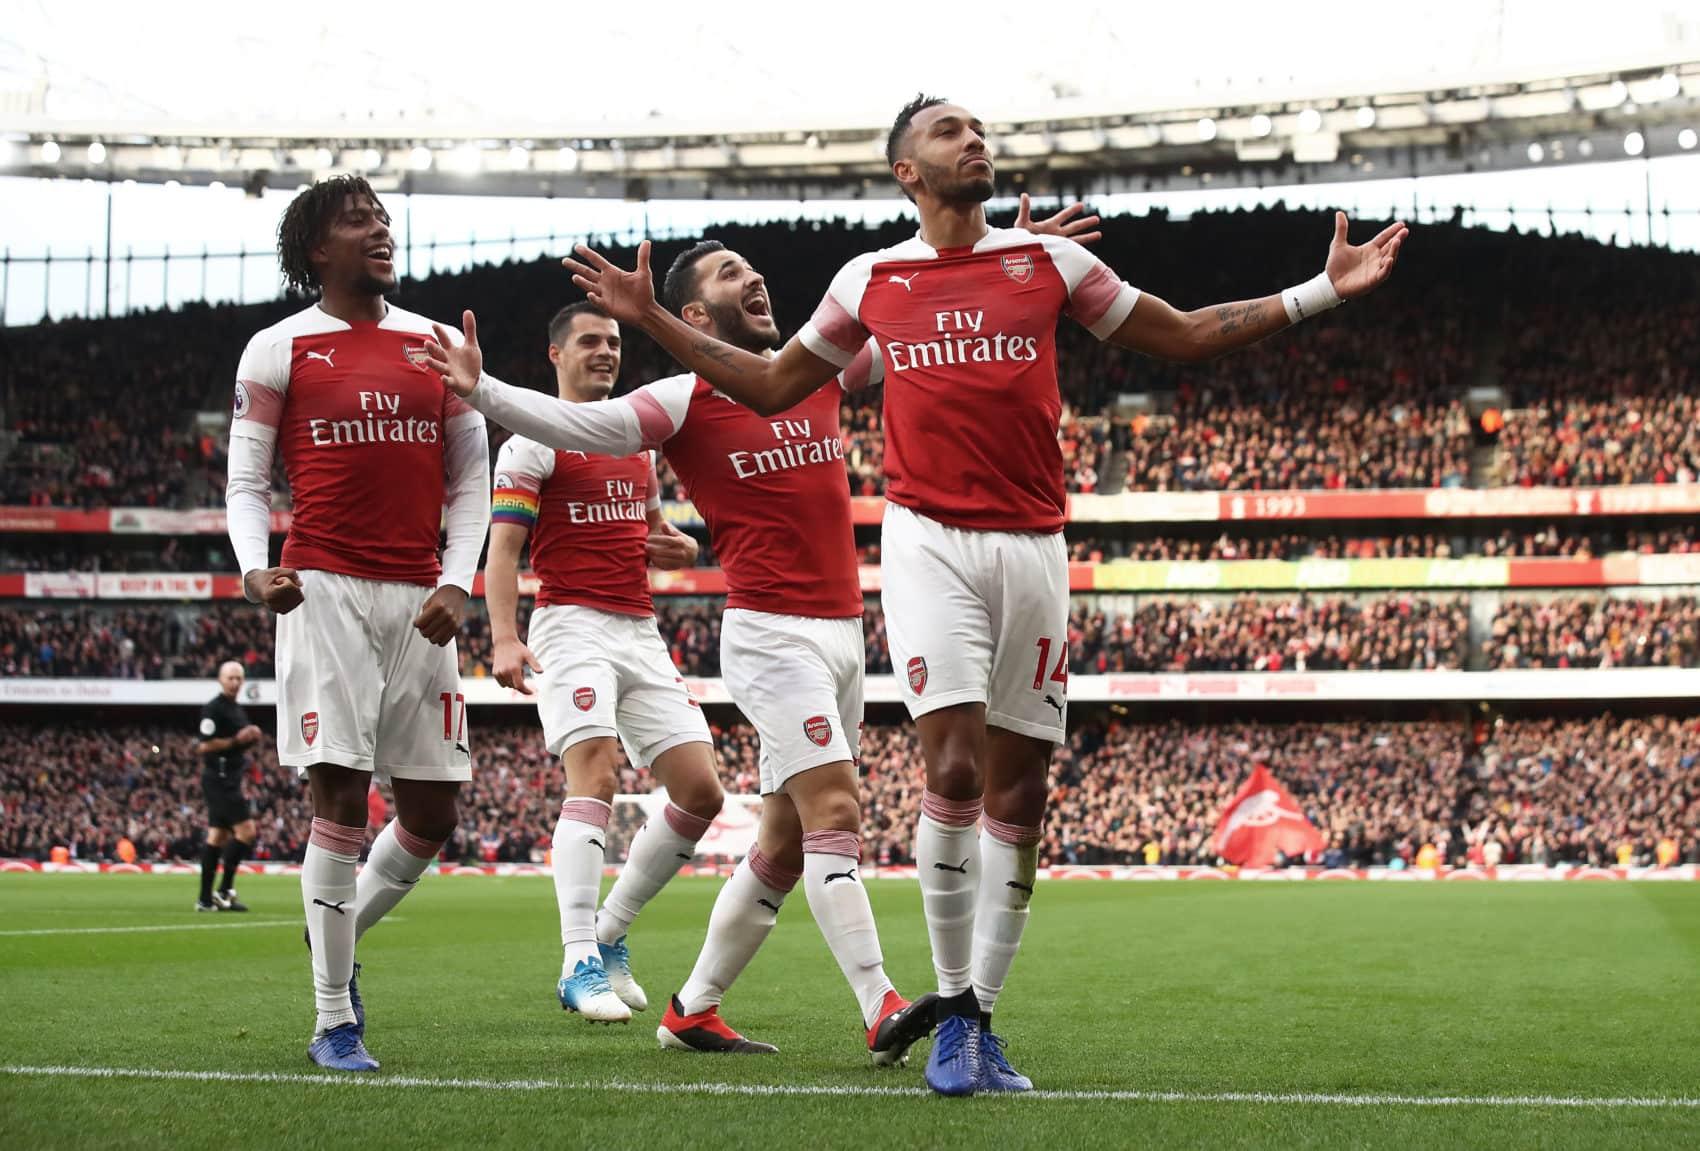 Manchester United vs Arsenal FC Premier League